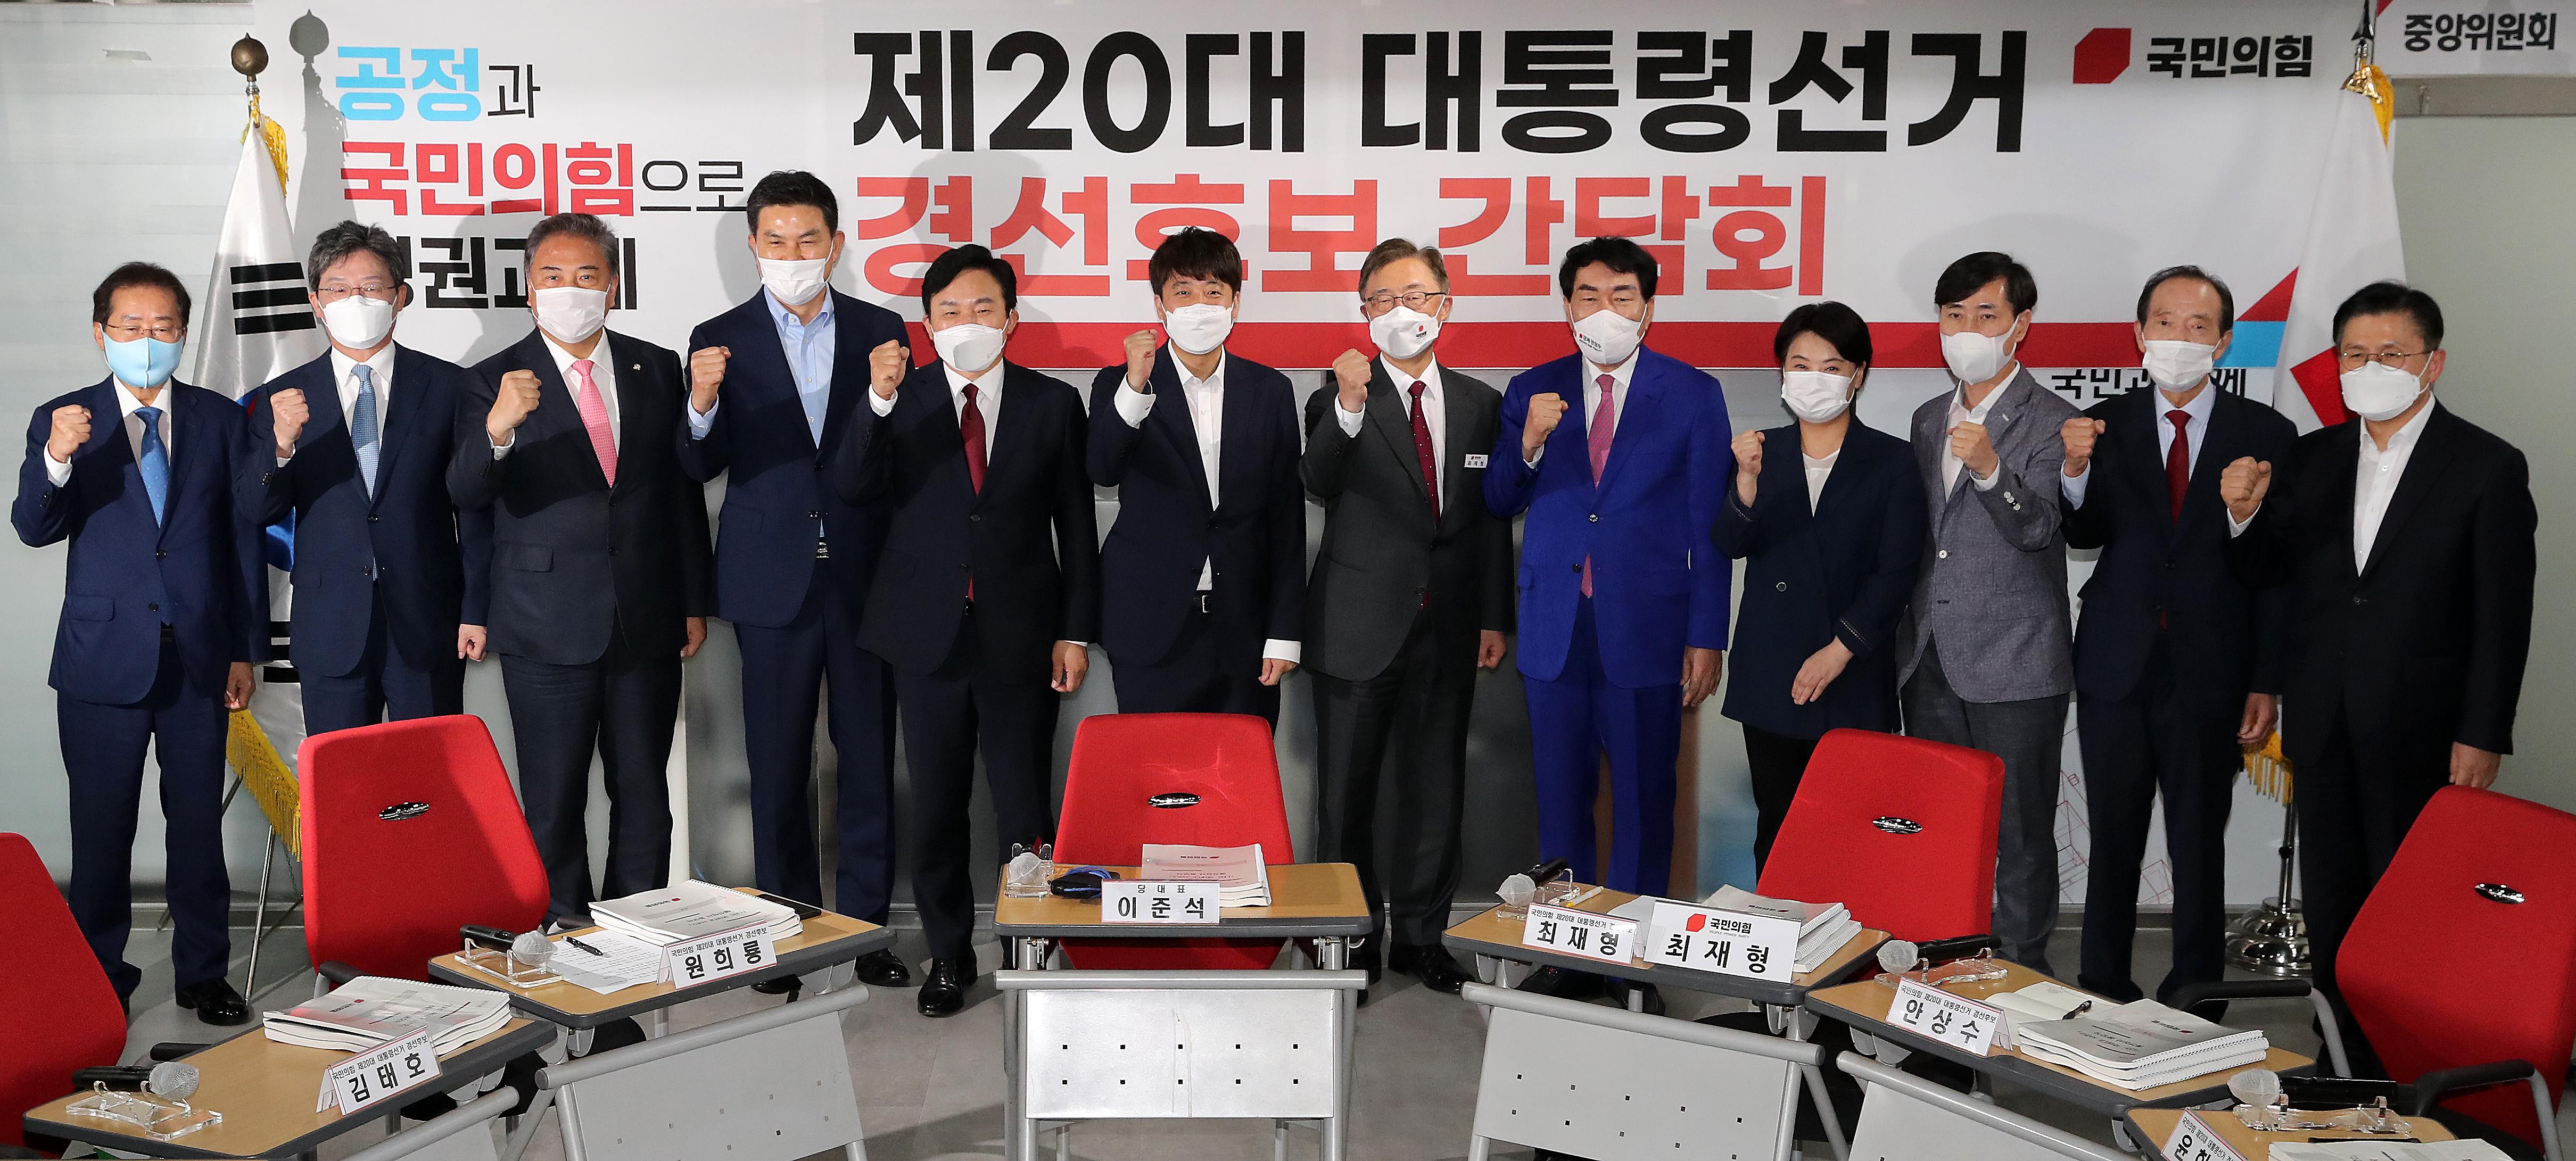 윤석열 빼고 한자리에 모인 '국민의힘 대선후보들'